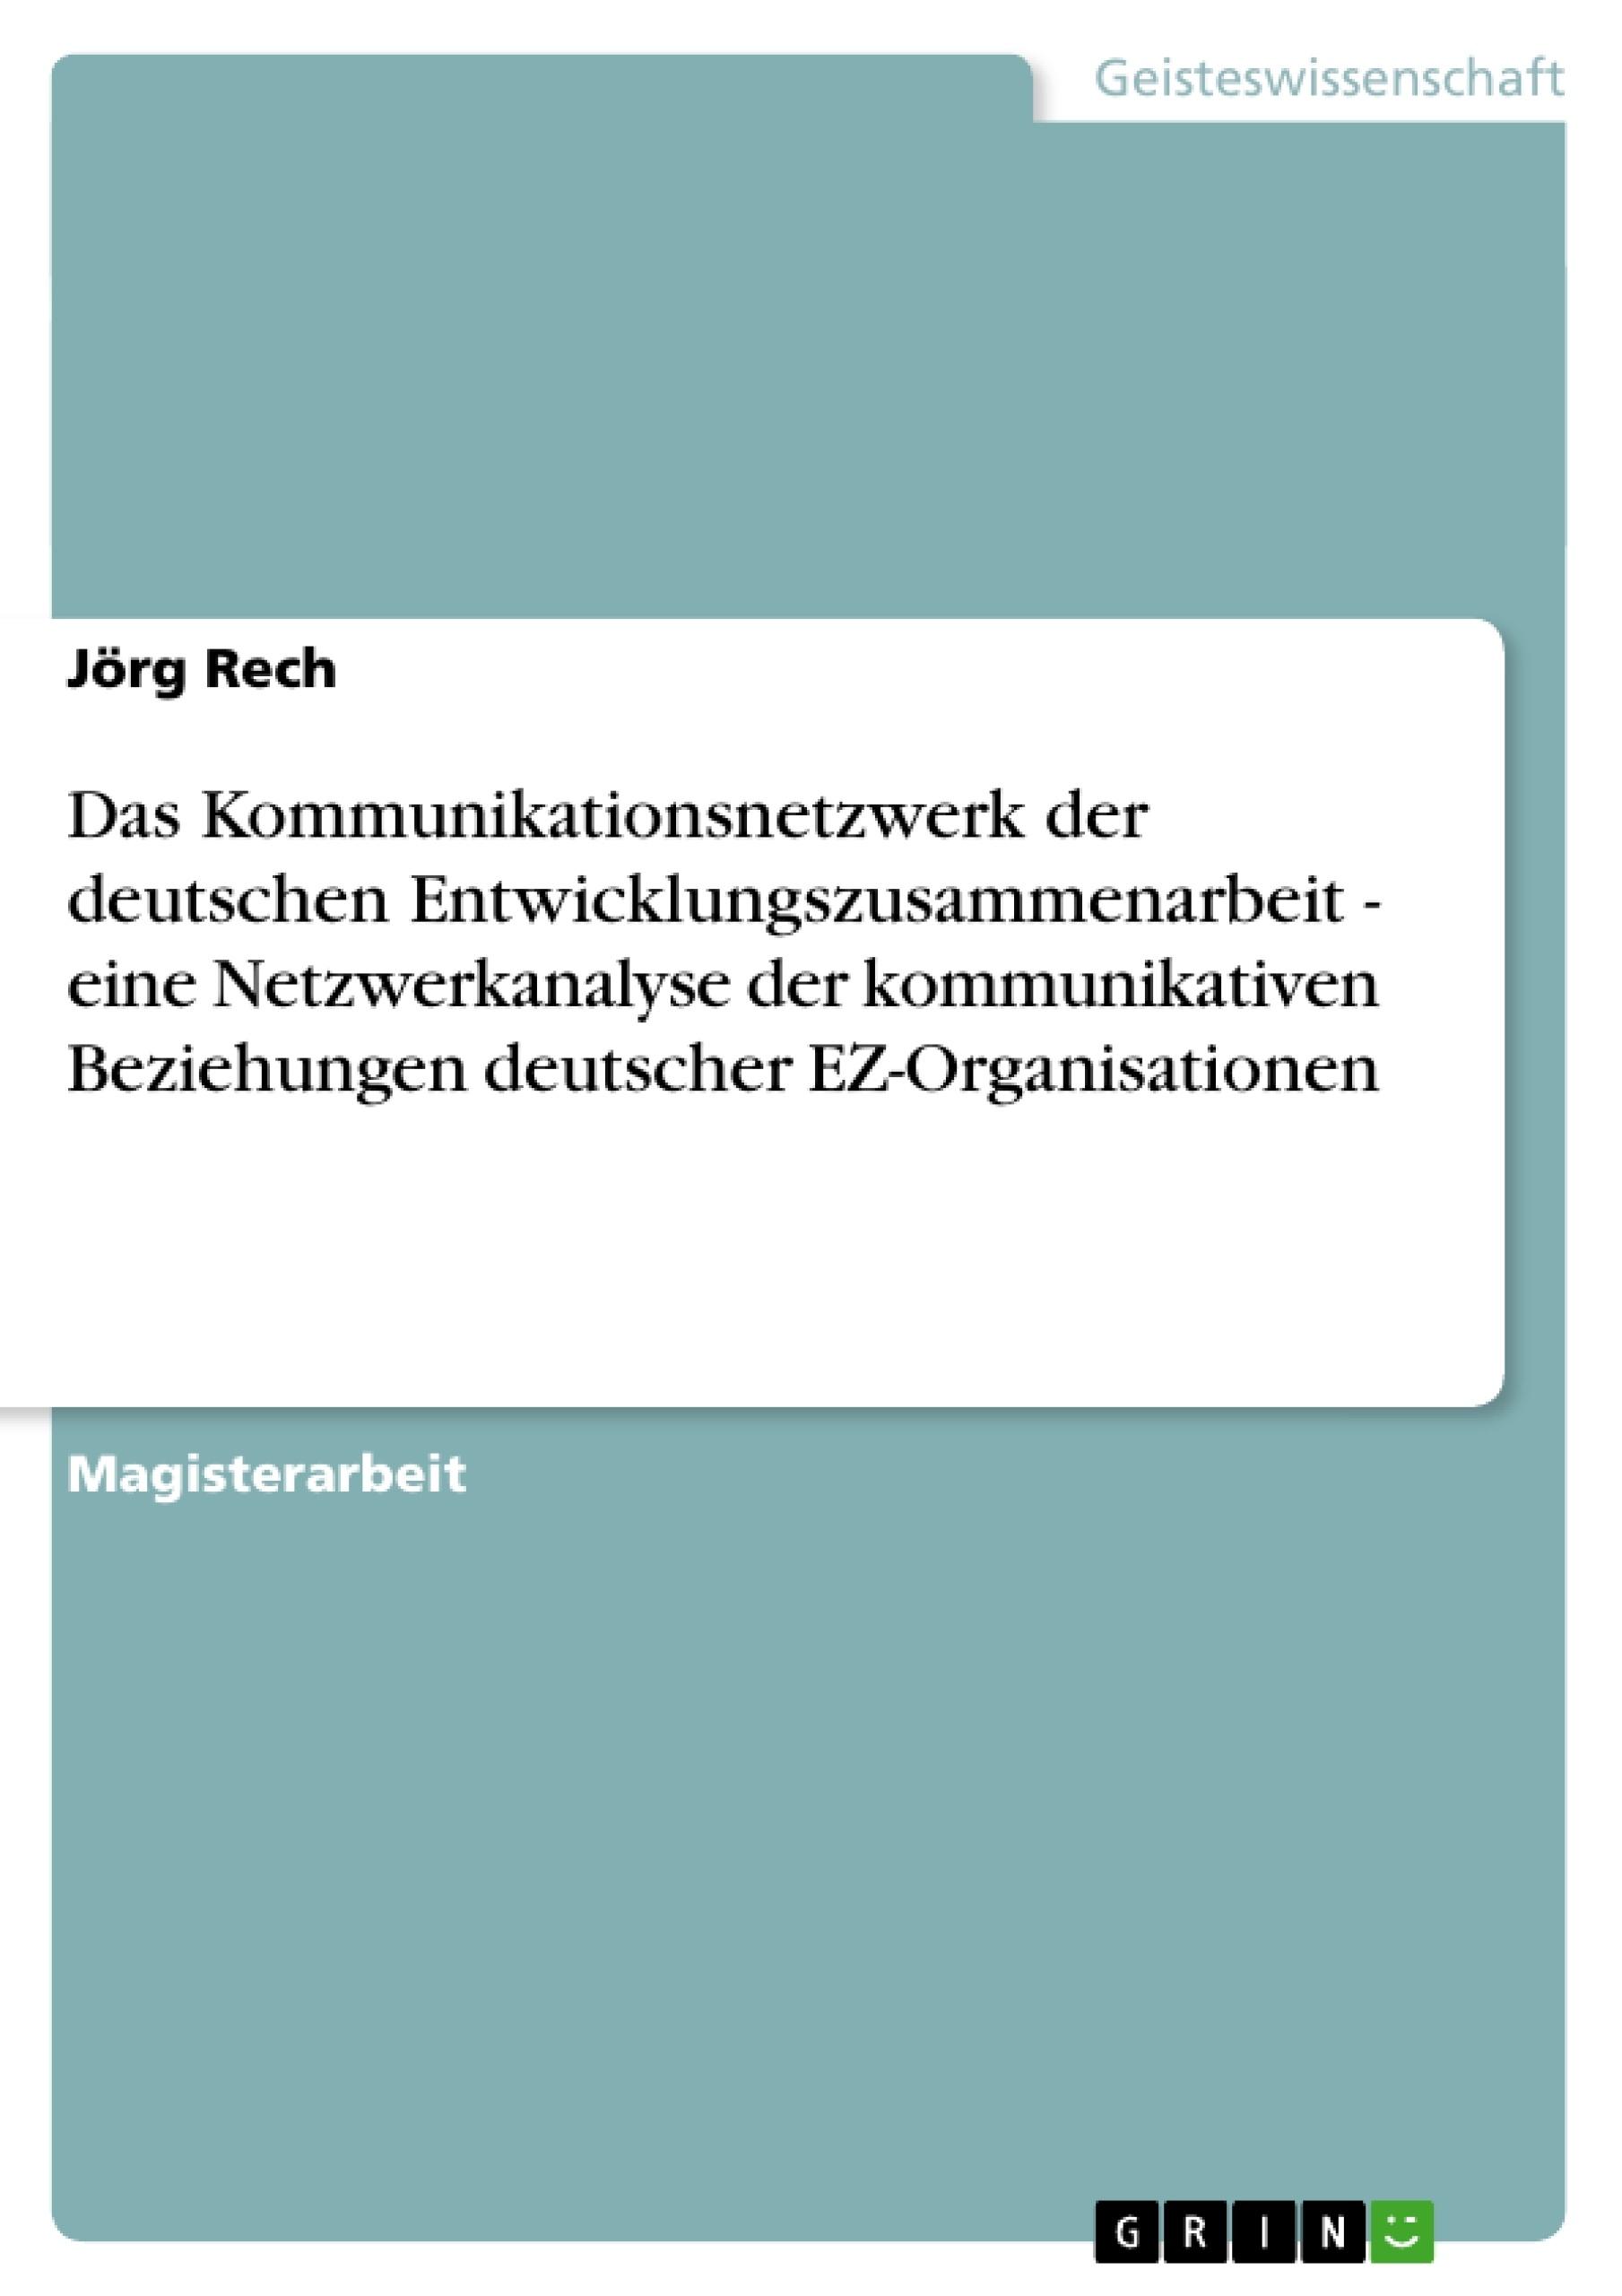 Titel: Das Kommunikationsnetzwerk der deutschen Entwicklungszusammenarbeit - eine Netzwerkanalyse der kommunikativen Beziehungen deutscher EZ-Organisationen